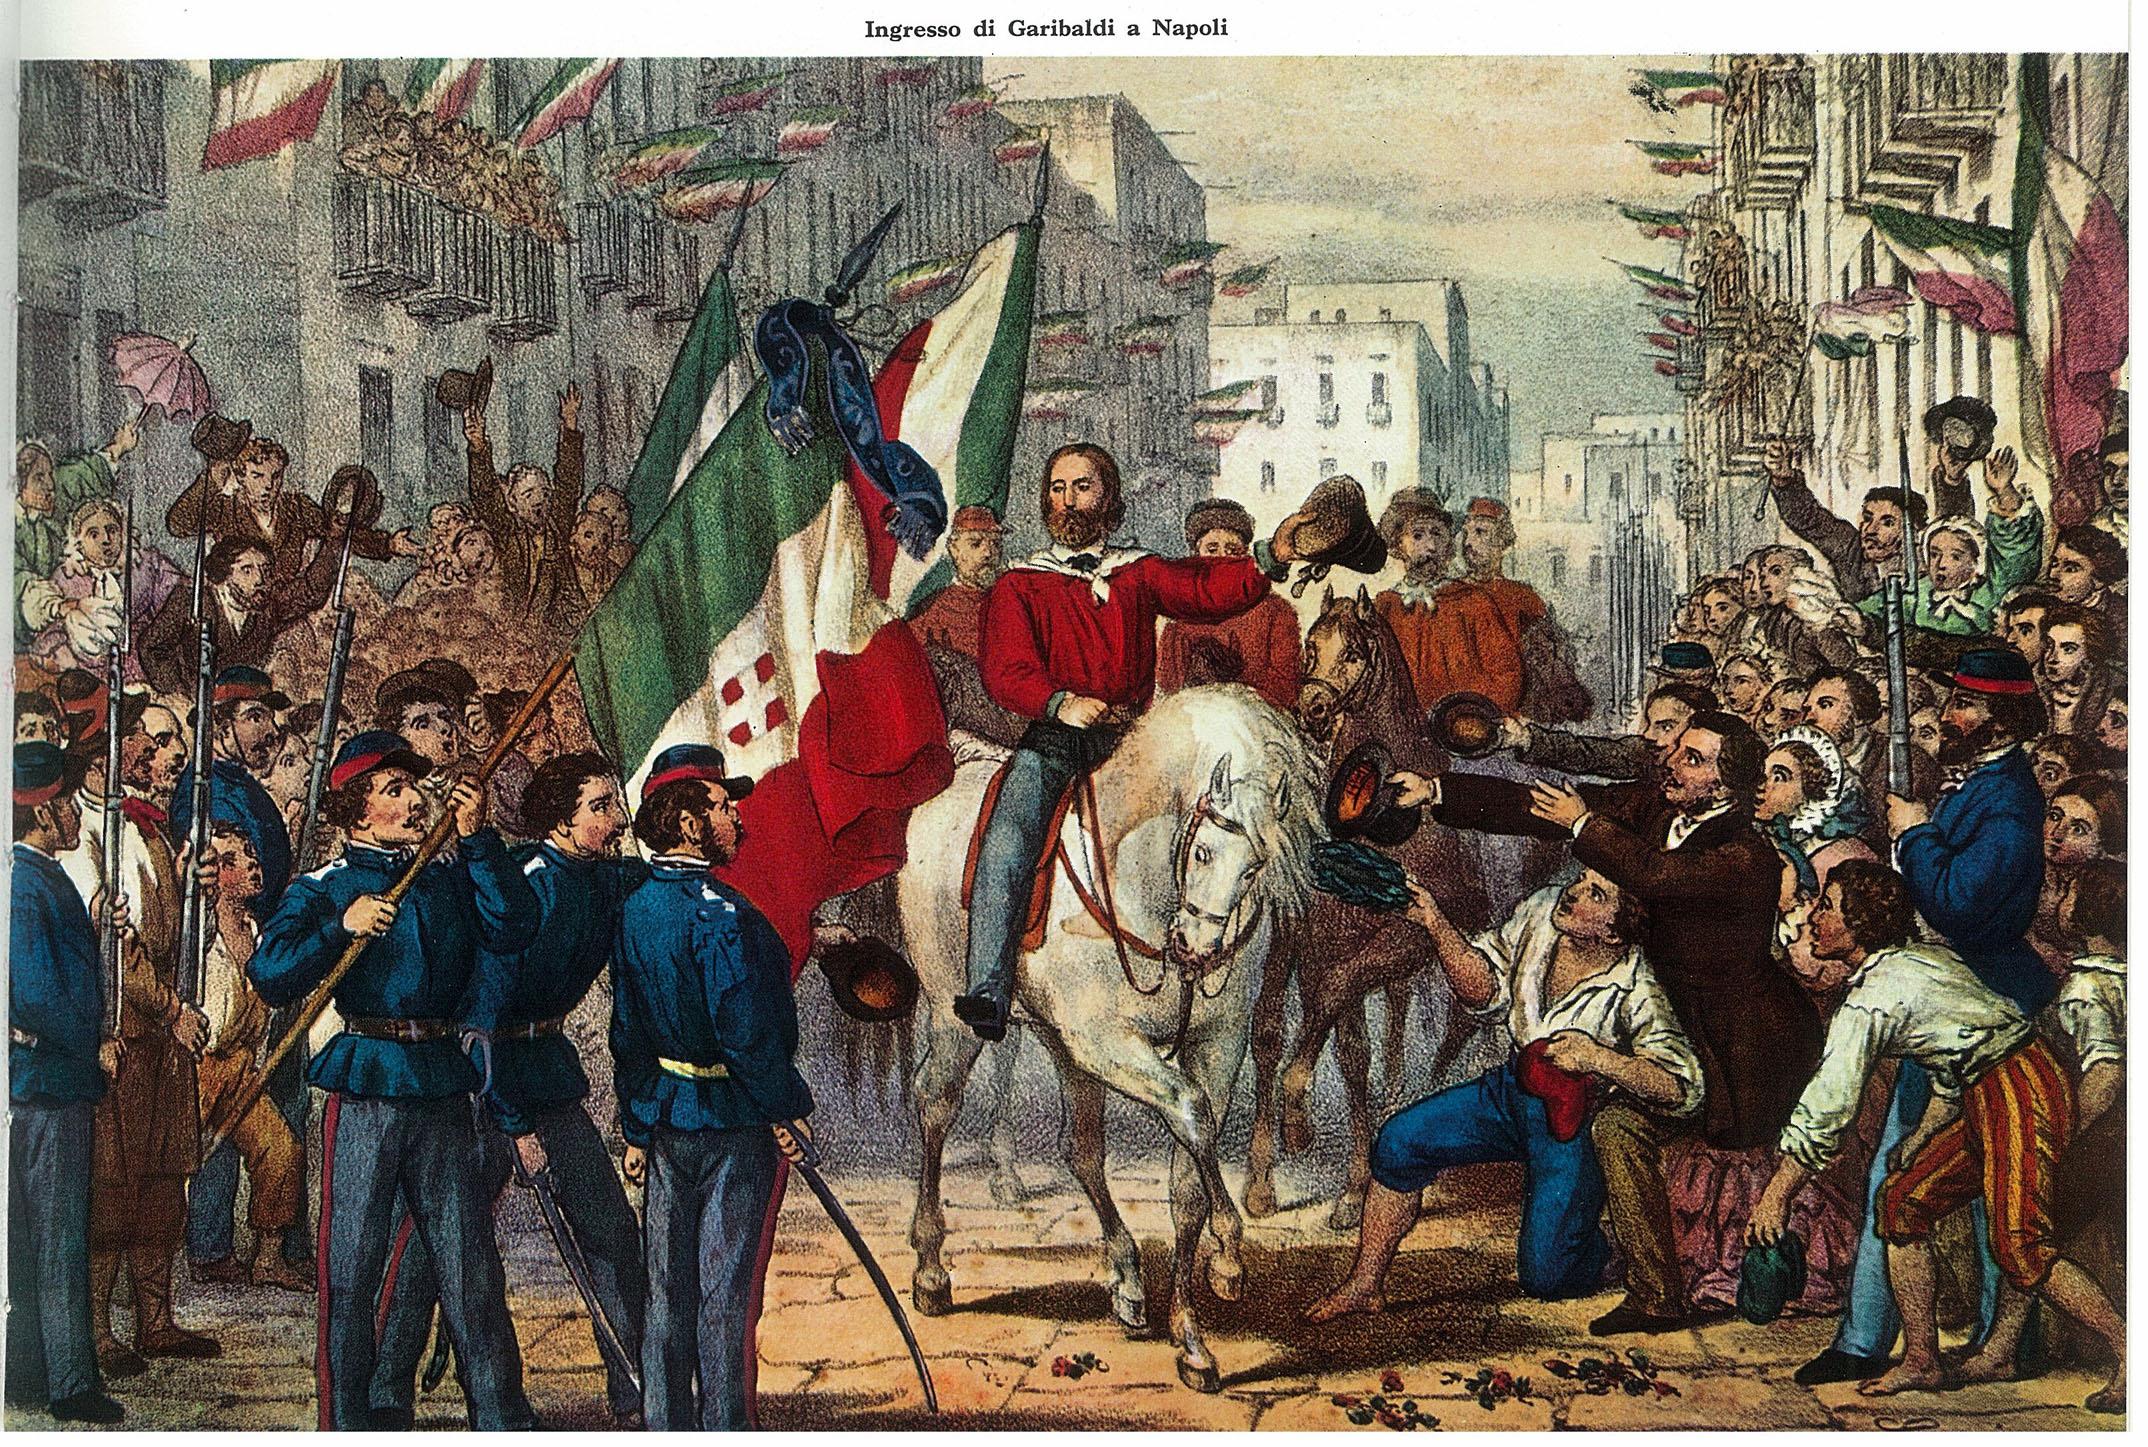 Imagini pentru unita d'italia